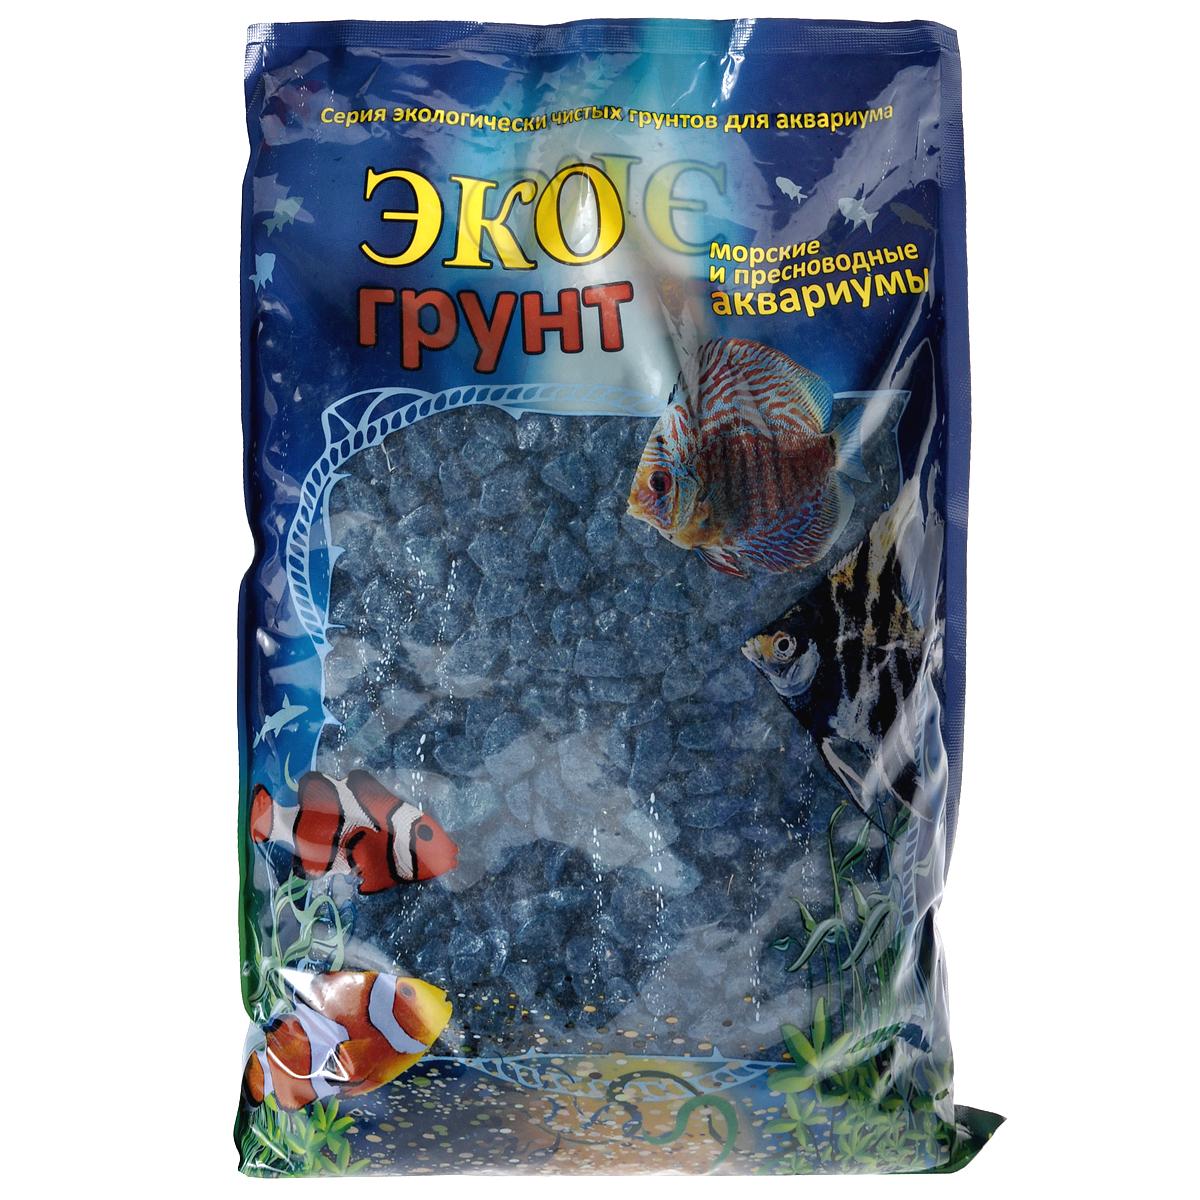 Мраморная крошка ЭКО грунт, для аквариумов, цвет: морская волна, 5-10 мм, 3,5 кгг-0250Грунт Эко Грунт представлен в качественной евроупаковке. Технологии производства включают и добычу камня, его калибровку по фракциям, мойку, сушку и термическую обработку. Грунт полностью готов для прямого использования как в морских, так и пресноводных аквариумах и полностью безопасен для рыб и рептилий. Прекрасно подходит для создания уникальных декоративных композиций дома, на даче, в любом месте.